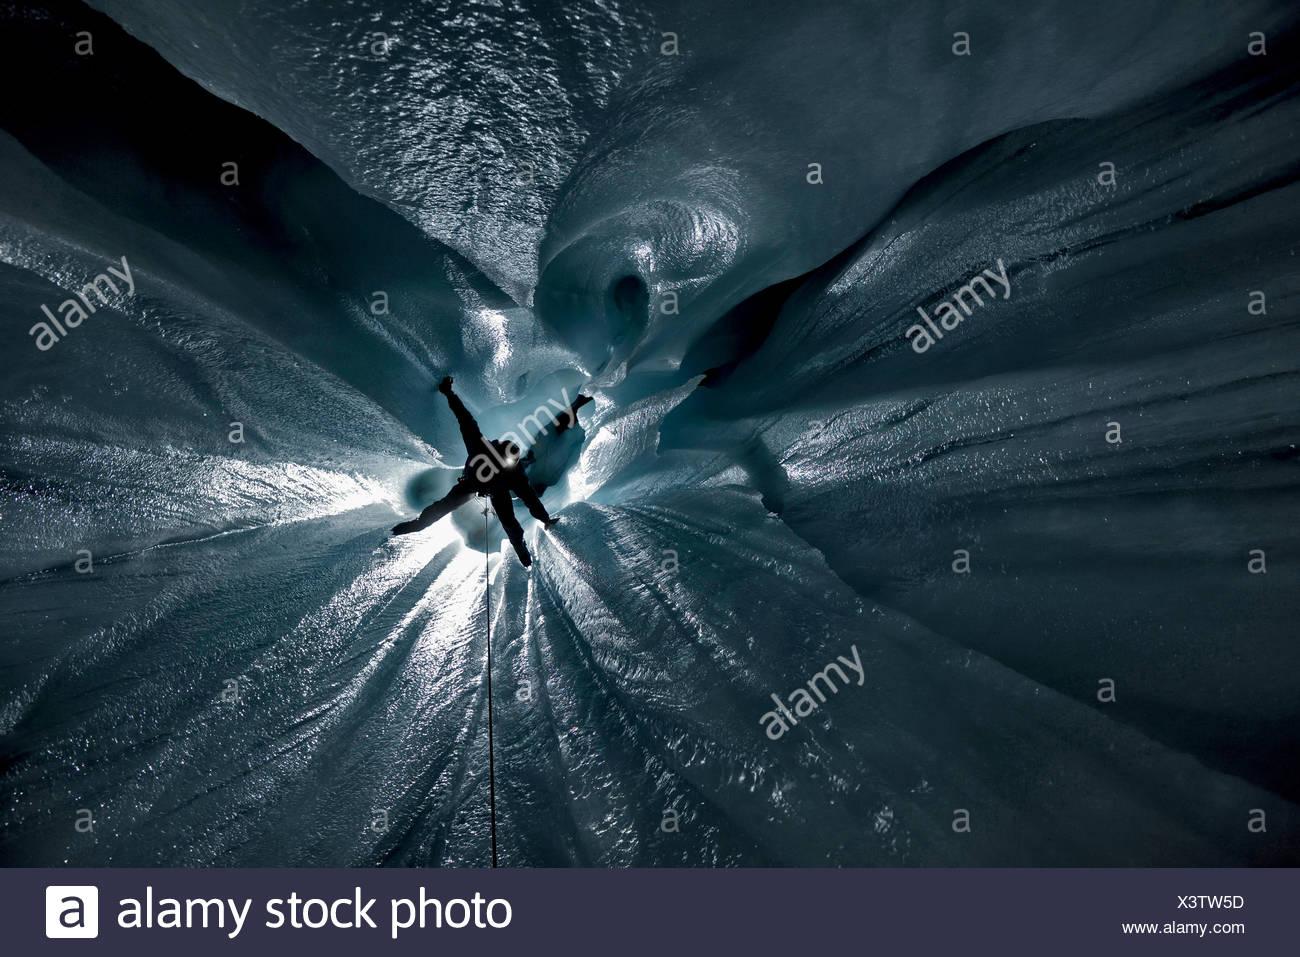 Suchen Sie gerade nach unten eines der vielen vertikale Schächte und Gruben in einem Moulin auf Aletschgletschers. Italienischer Höhlenforscher Alessio Romeo hängt ein Stockbild